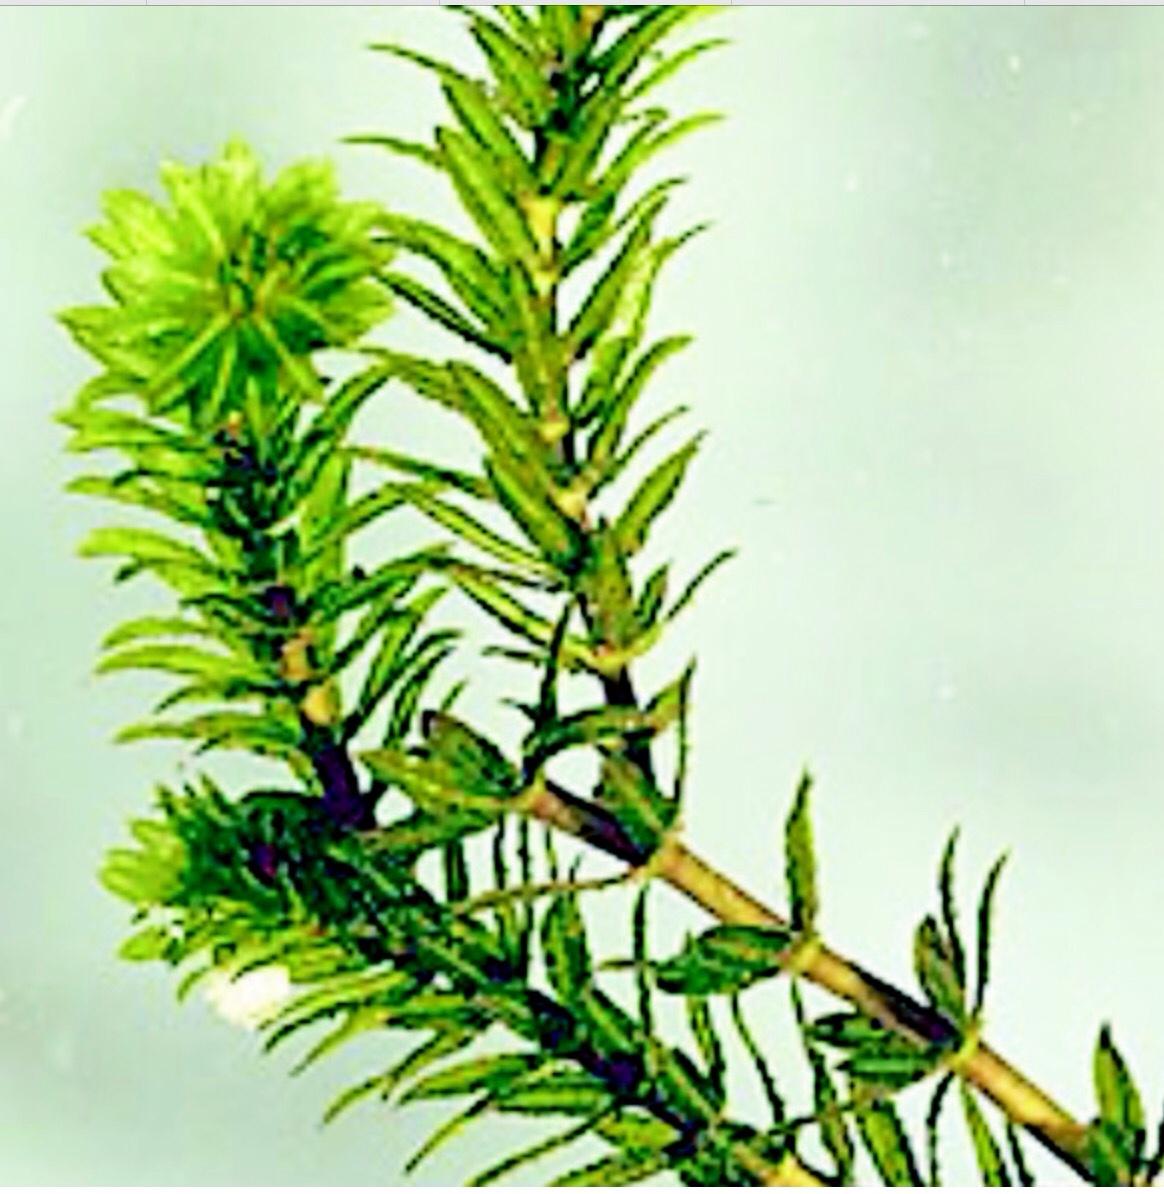 Hydrilla verticillata thinglink pooptronica